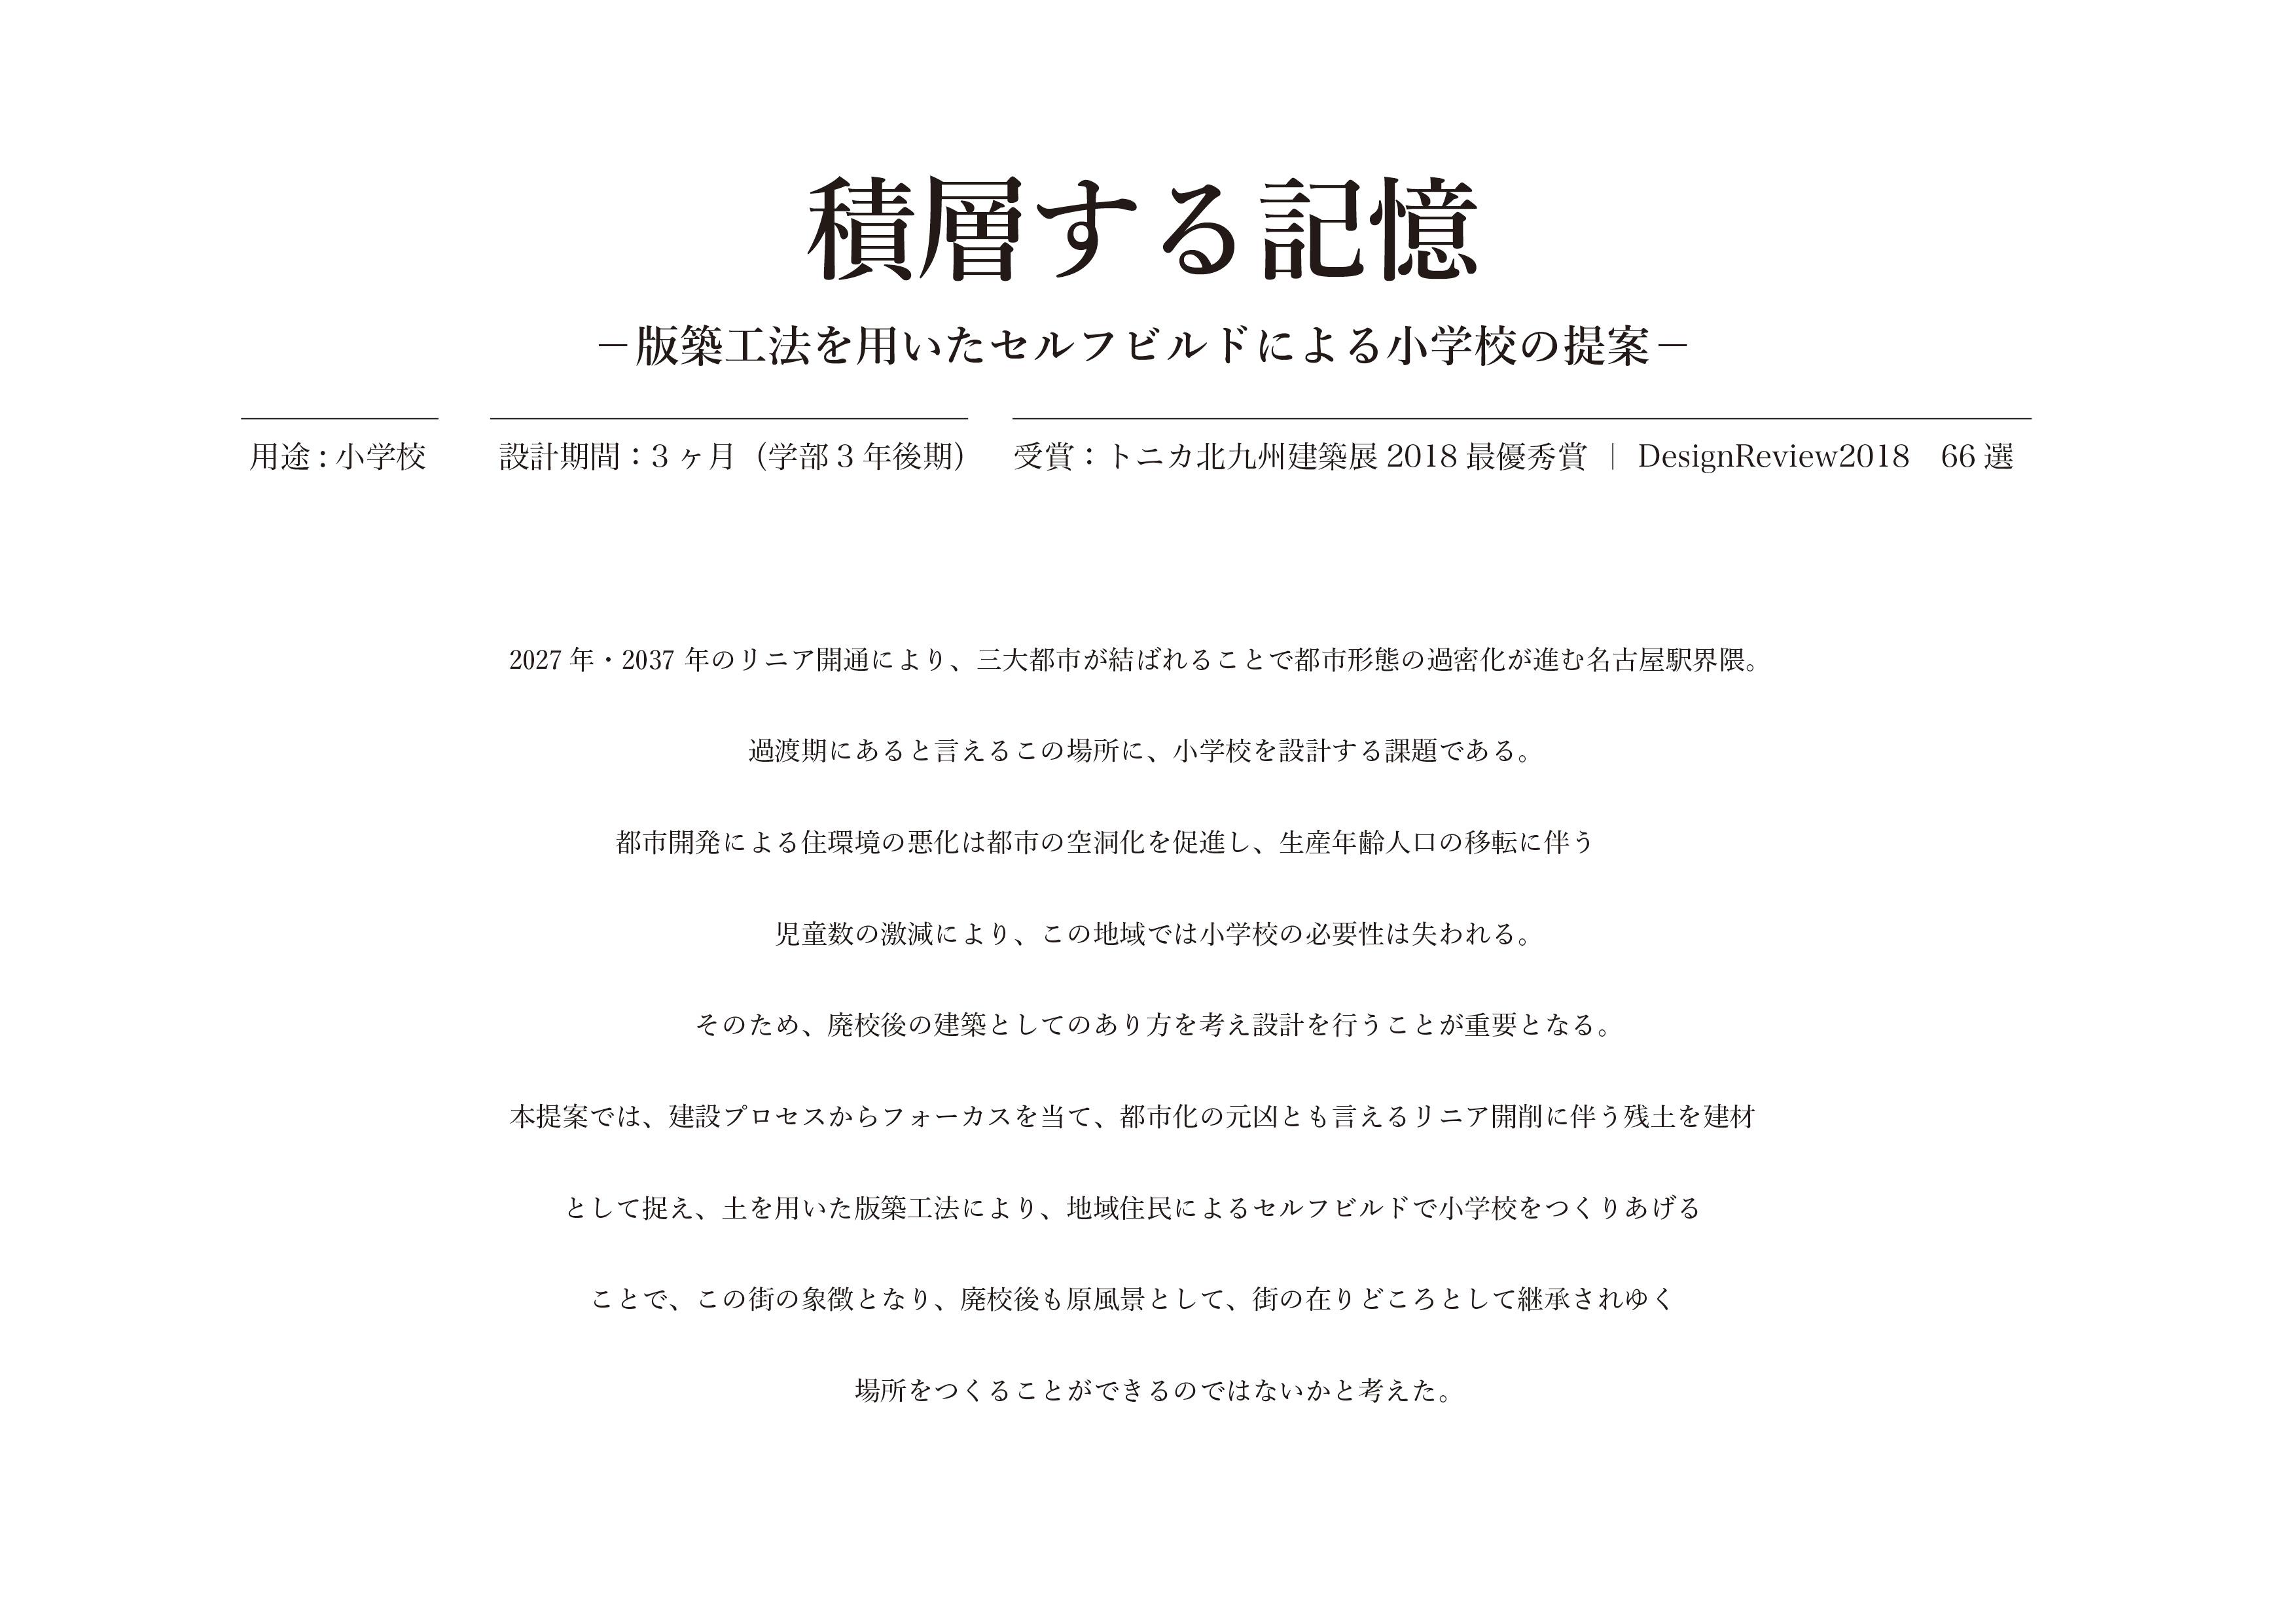 ホムペ 表紙テンプレz-01